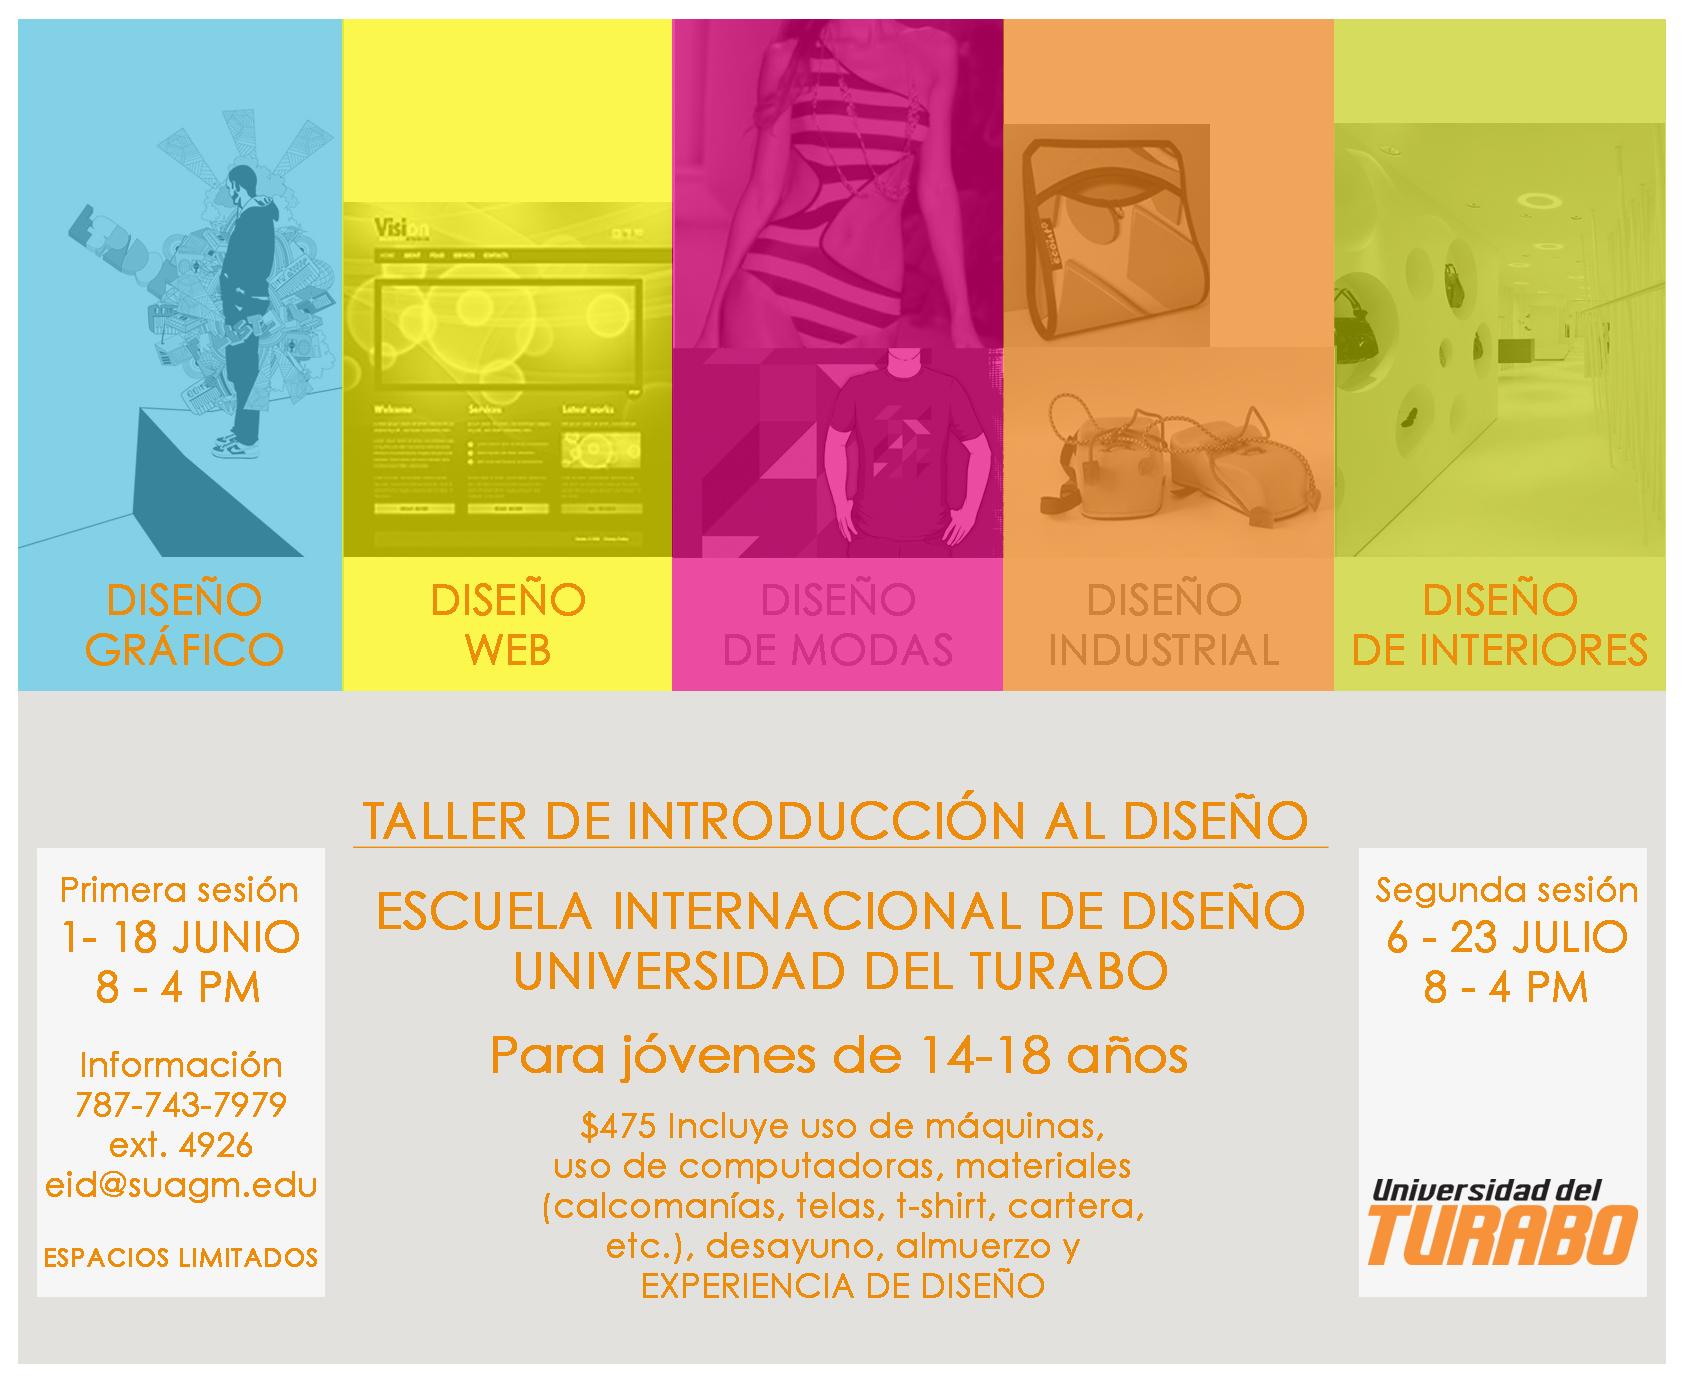 arquillano Taller de Introducción al Diseño: Escuela Internacional de Diseño